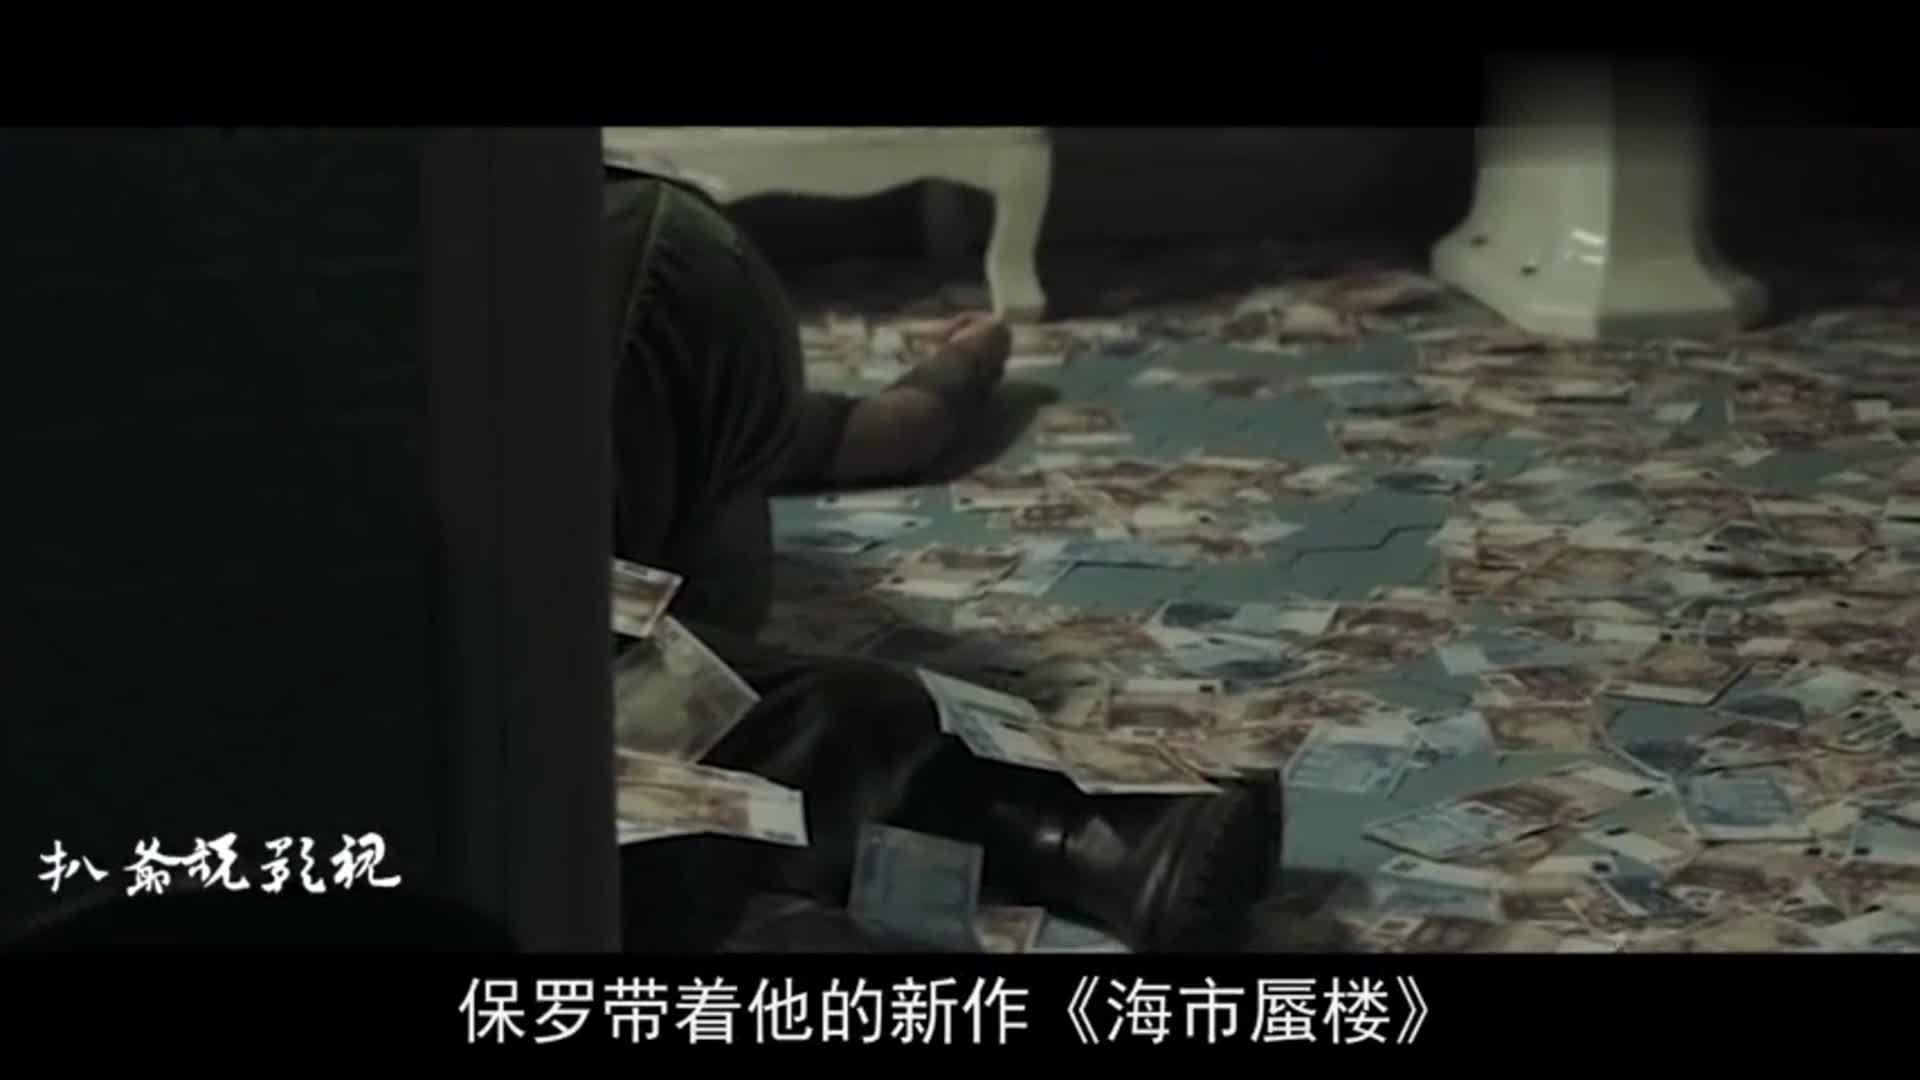 #影视#《看不见的客人》导演又一力作!本年度最烧脑的悬疑科幻片